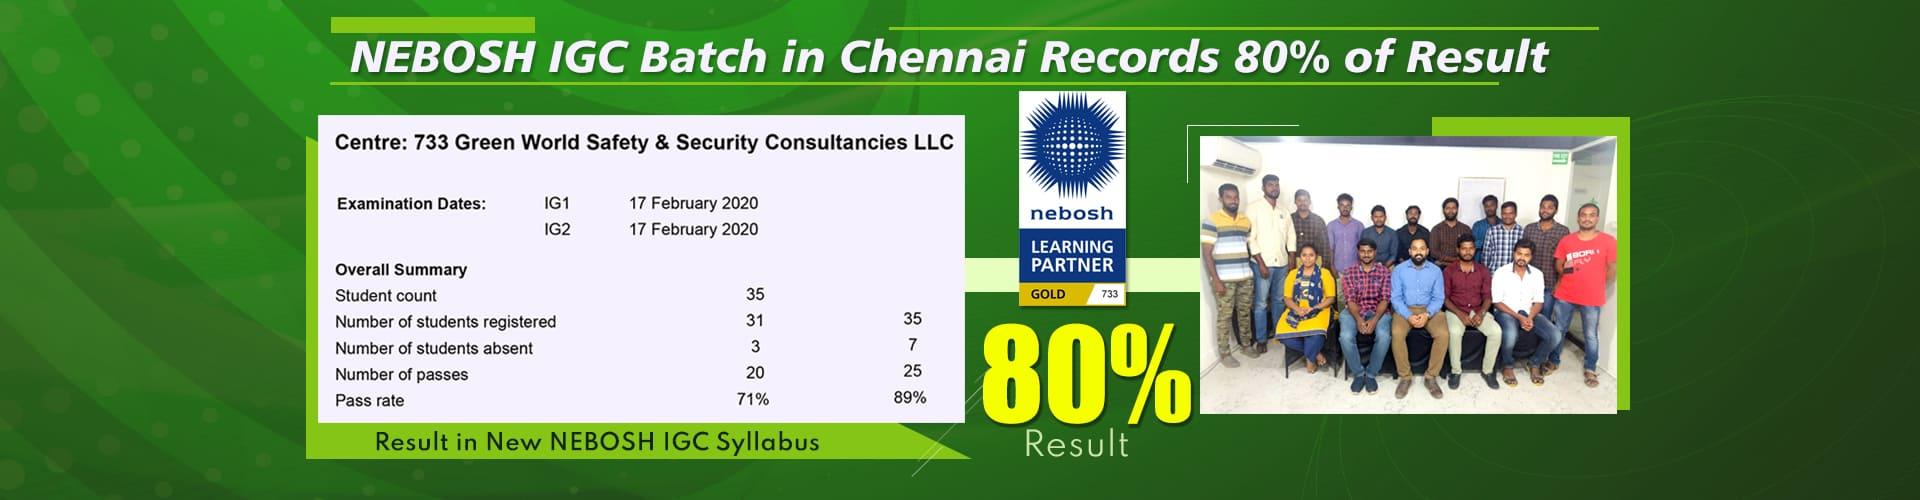 NEBOSH_IGC_Chennai_Result_Banner_coin_Apr-1